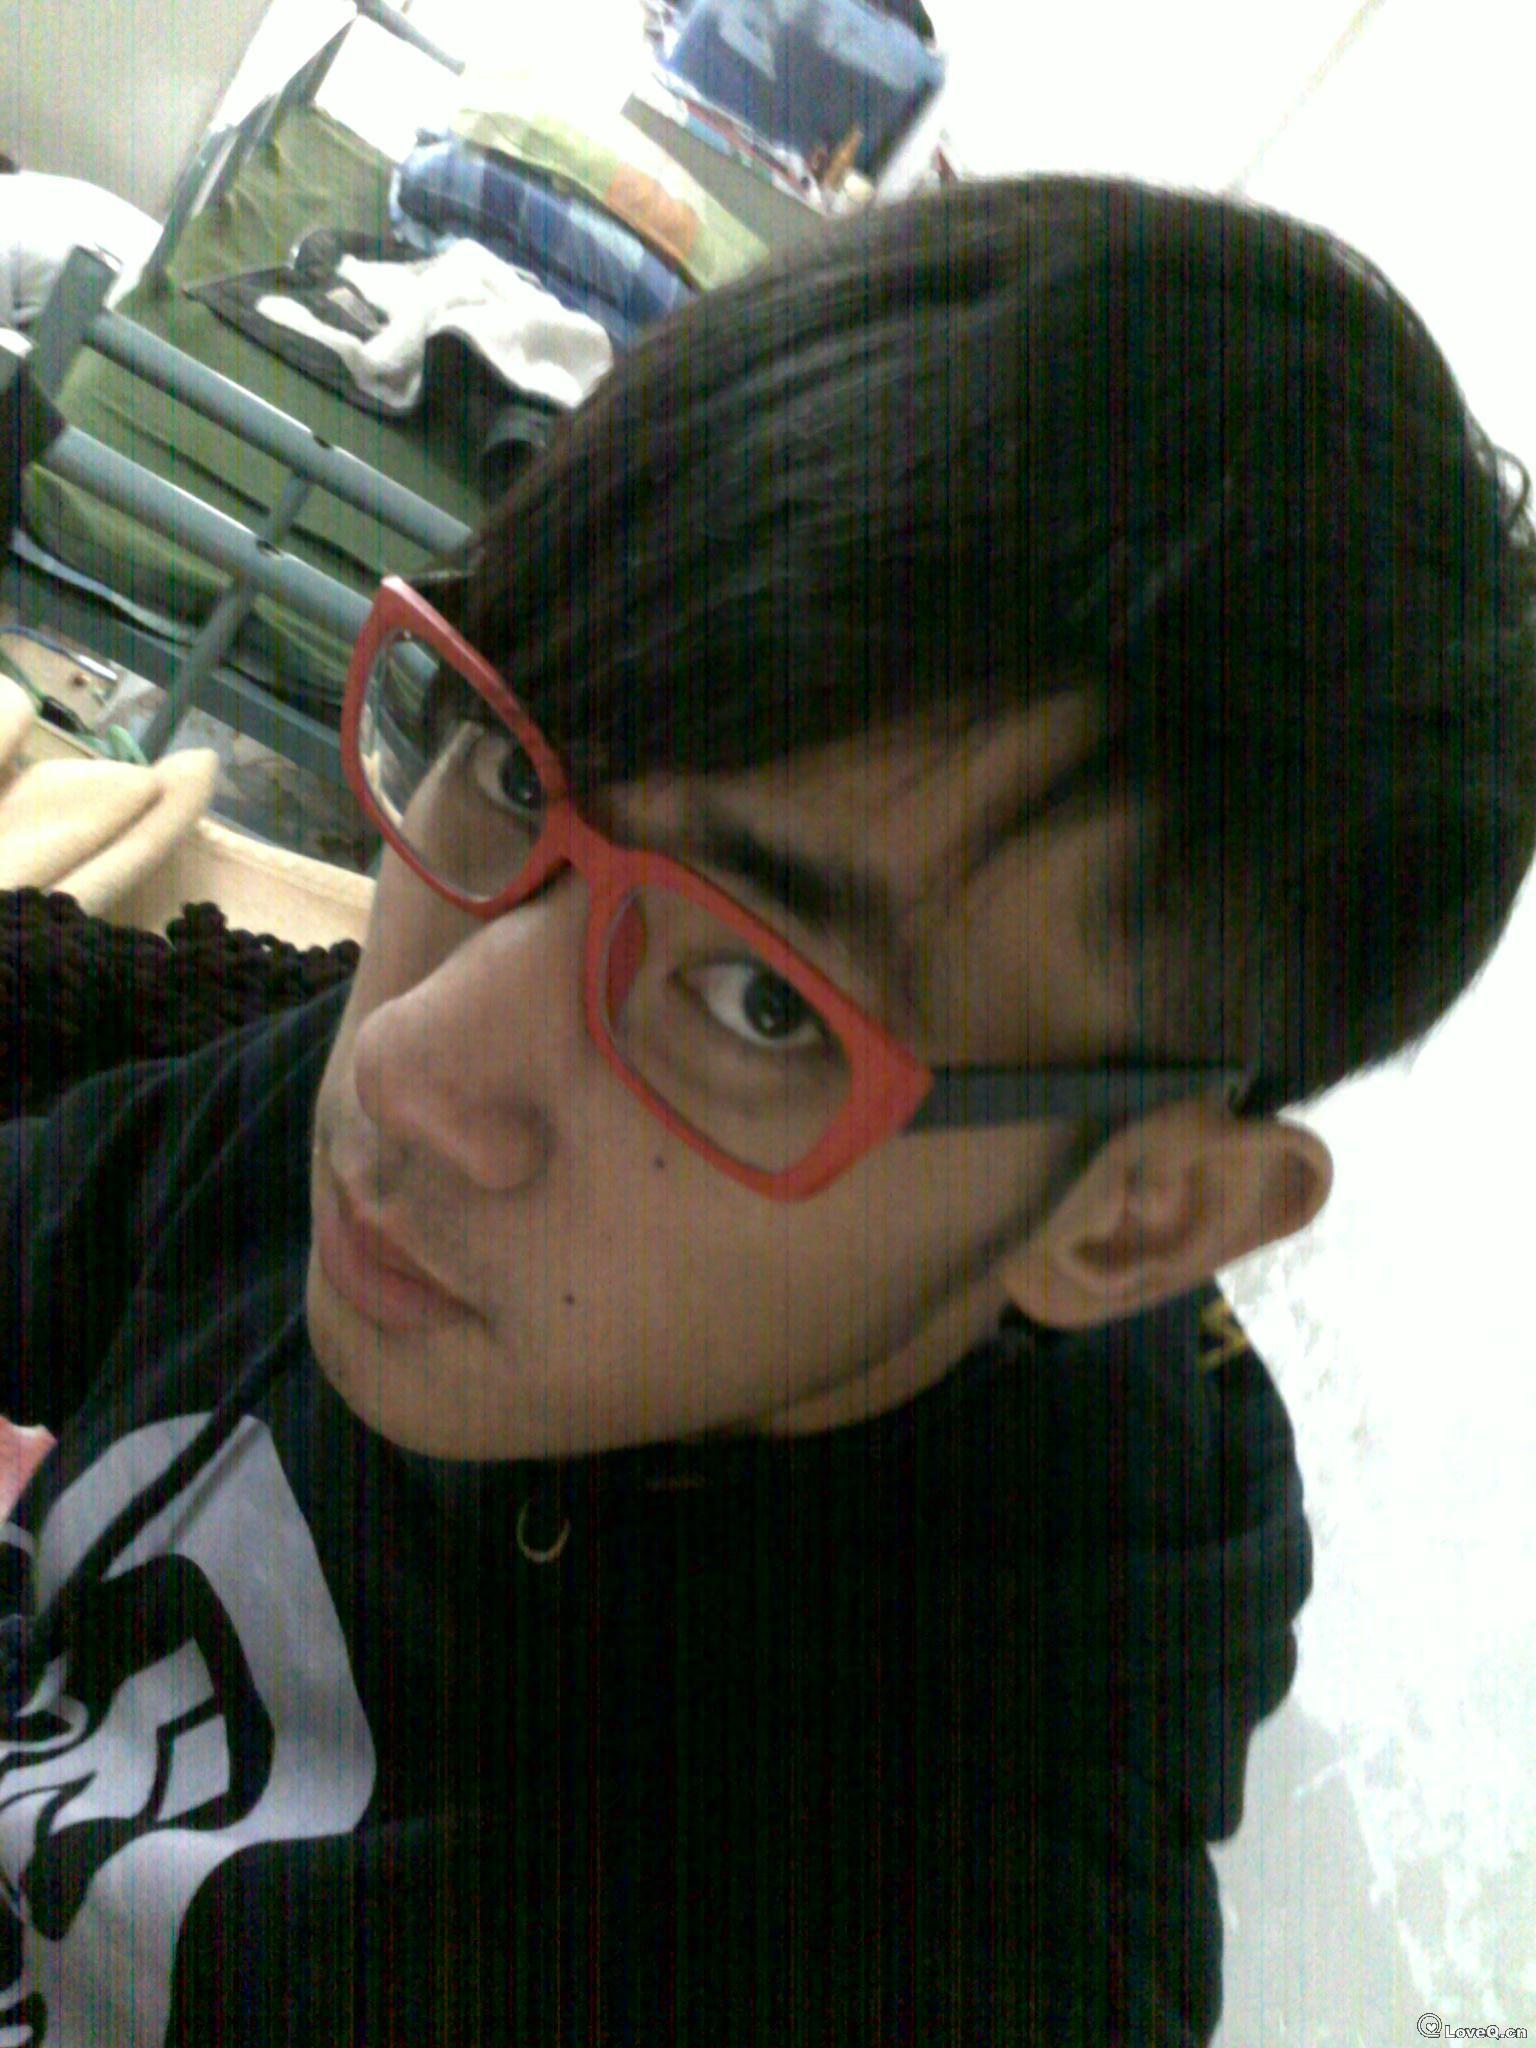 戴眼镜男生生活照分享;